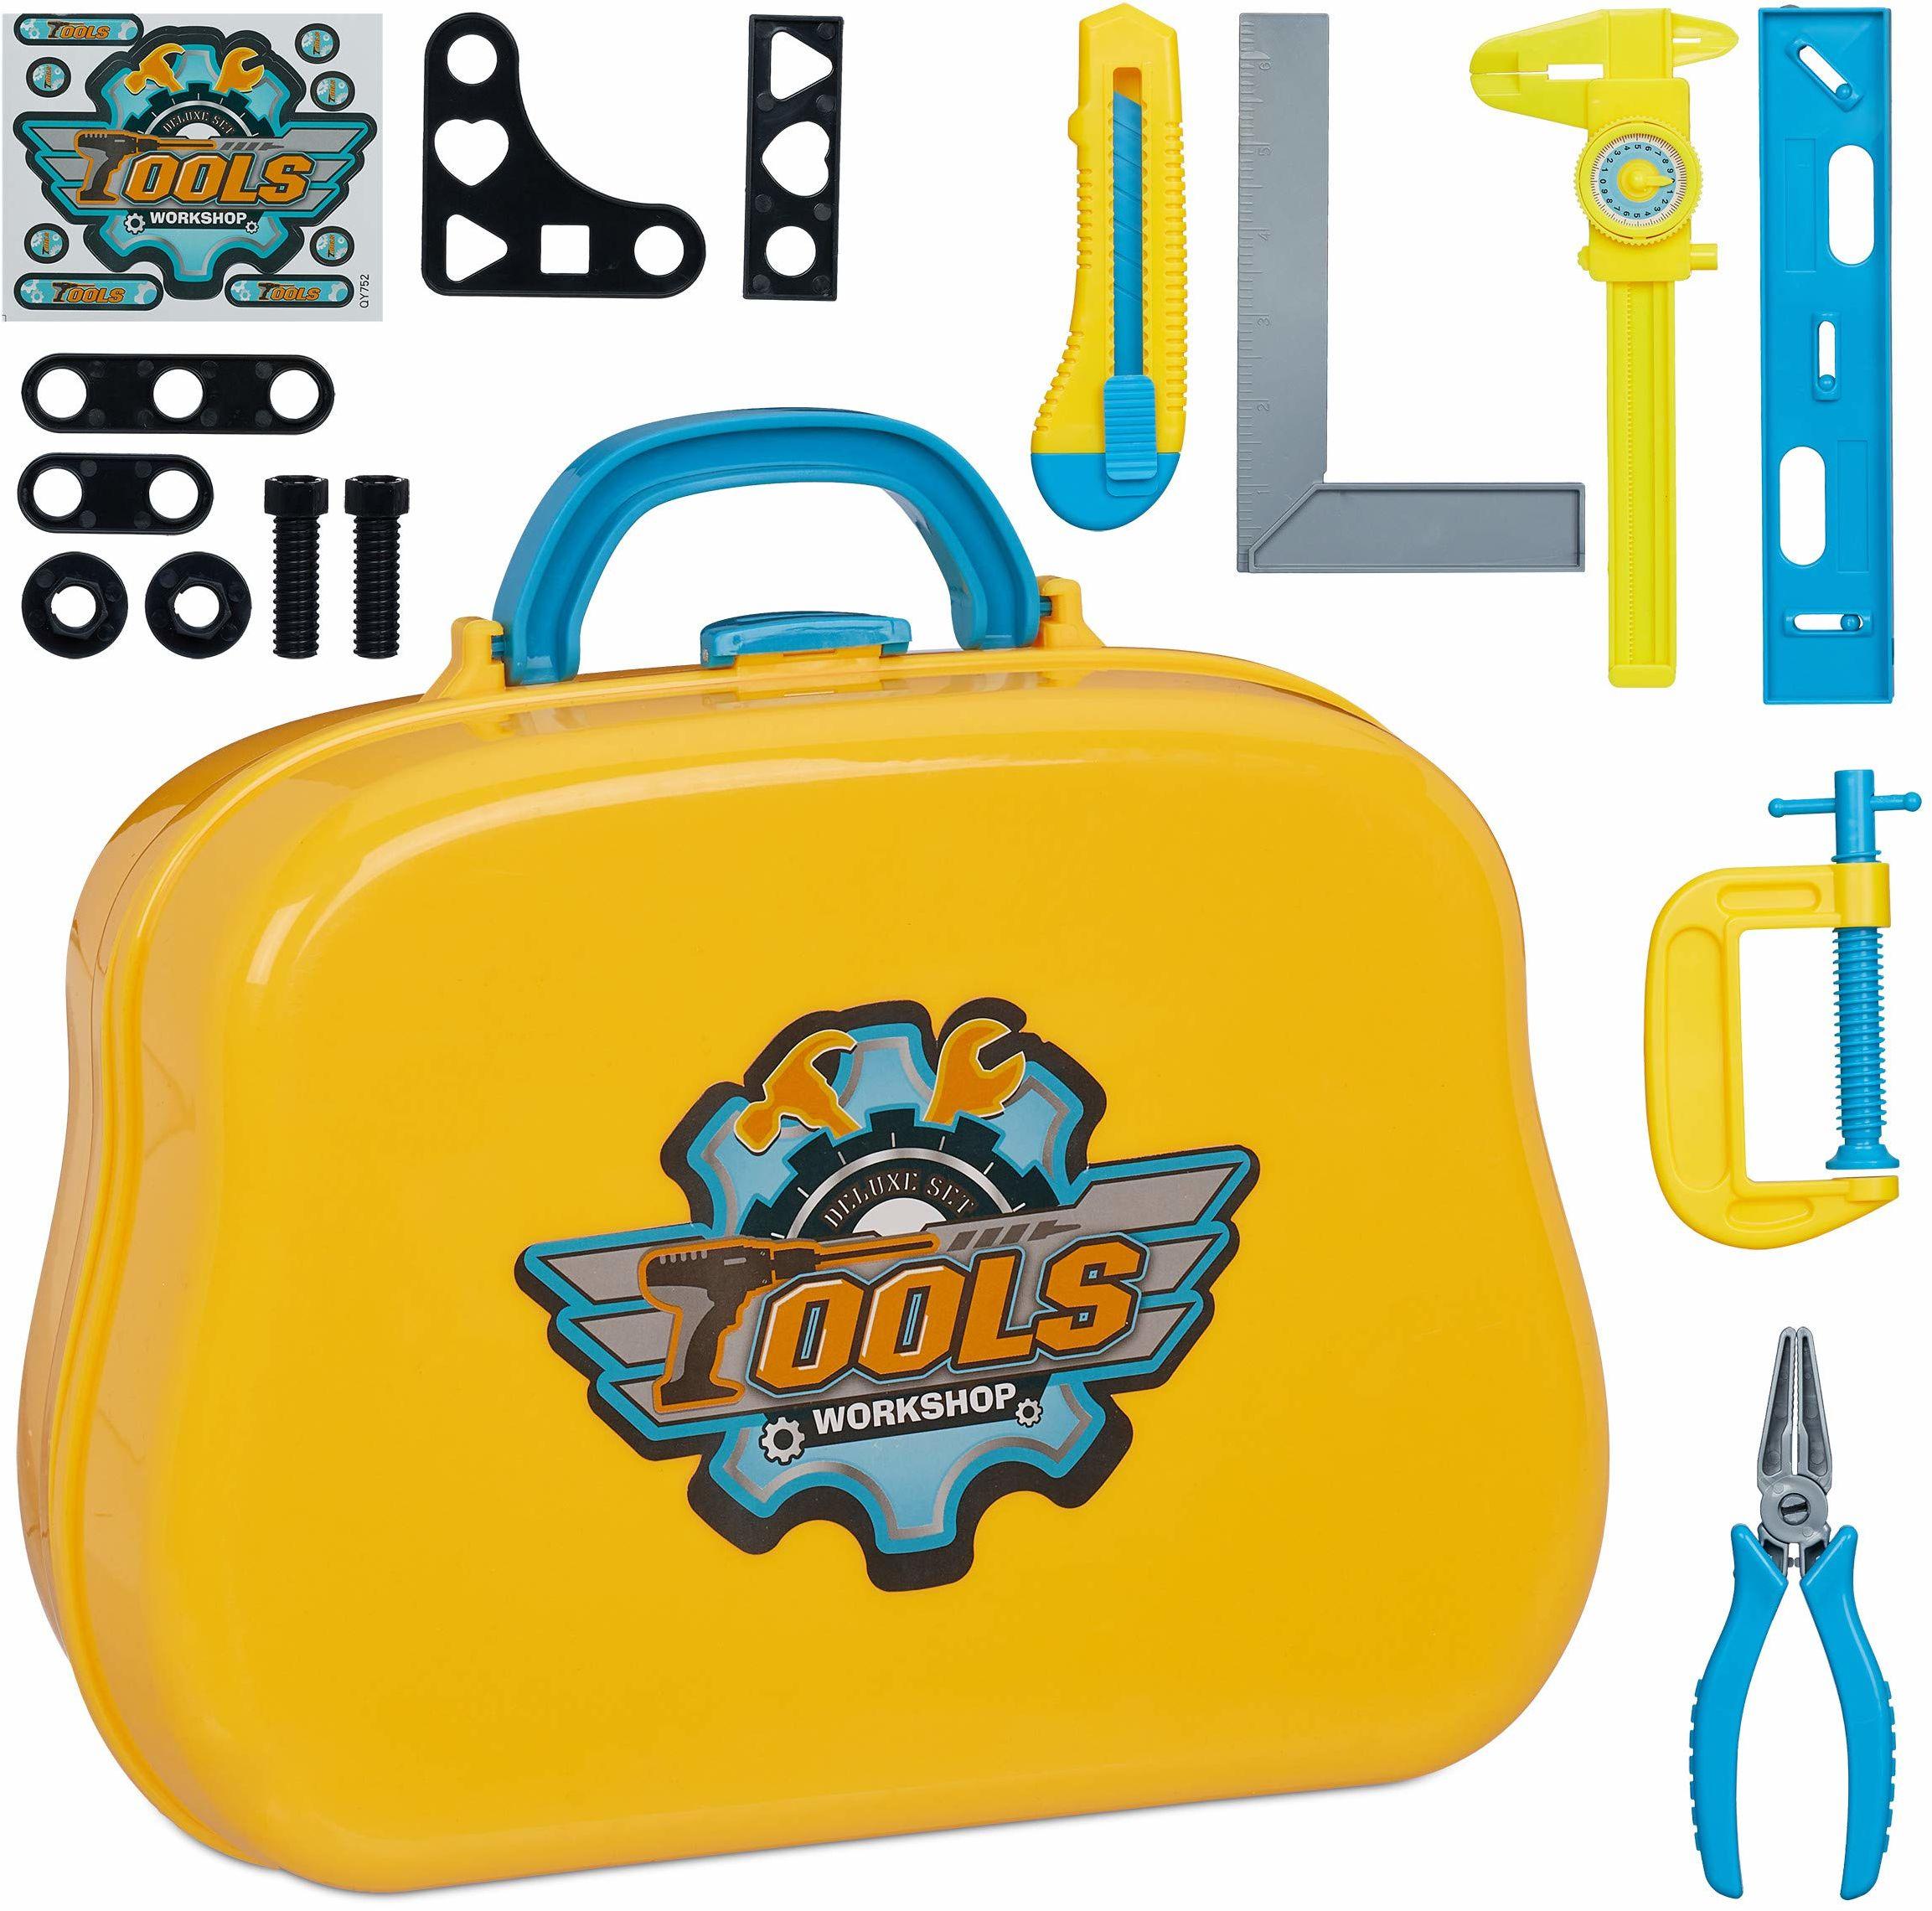 Relaxdays 10030703 walizka narzędziowa dla dzieci, 14 części, od 3 lat, z zaciskiem, wagą UVM, skrzynka narzędziowa (wys. x szer. x gł.): 19,5 x 25 x 10 cm, żółta